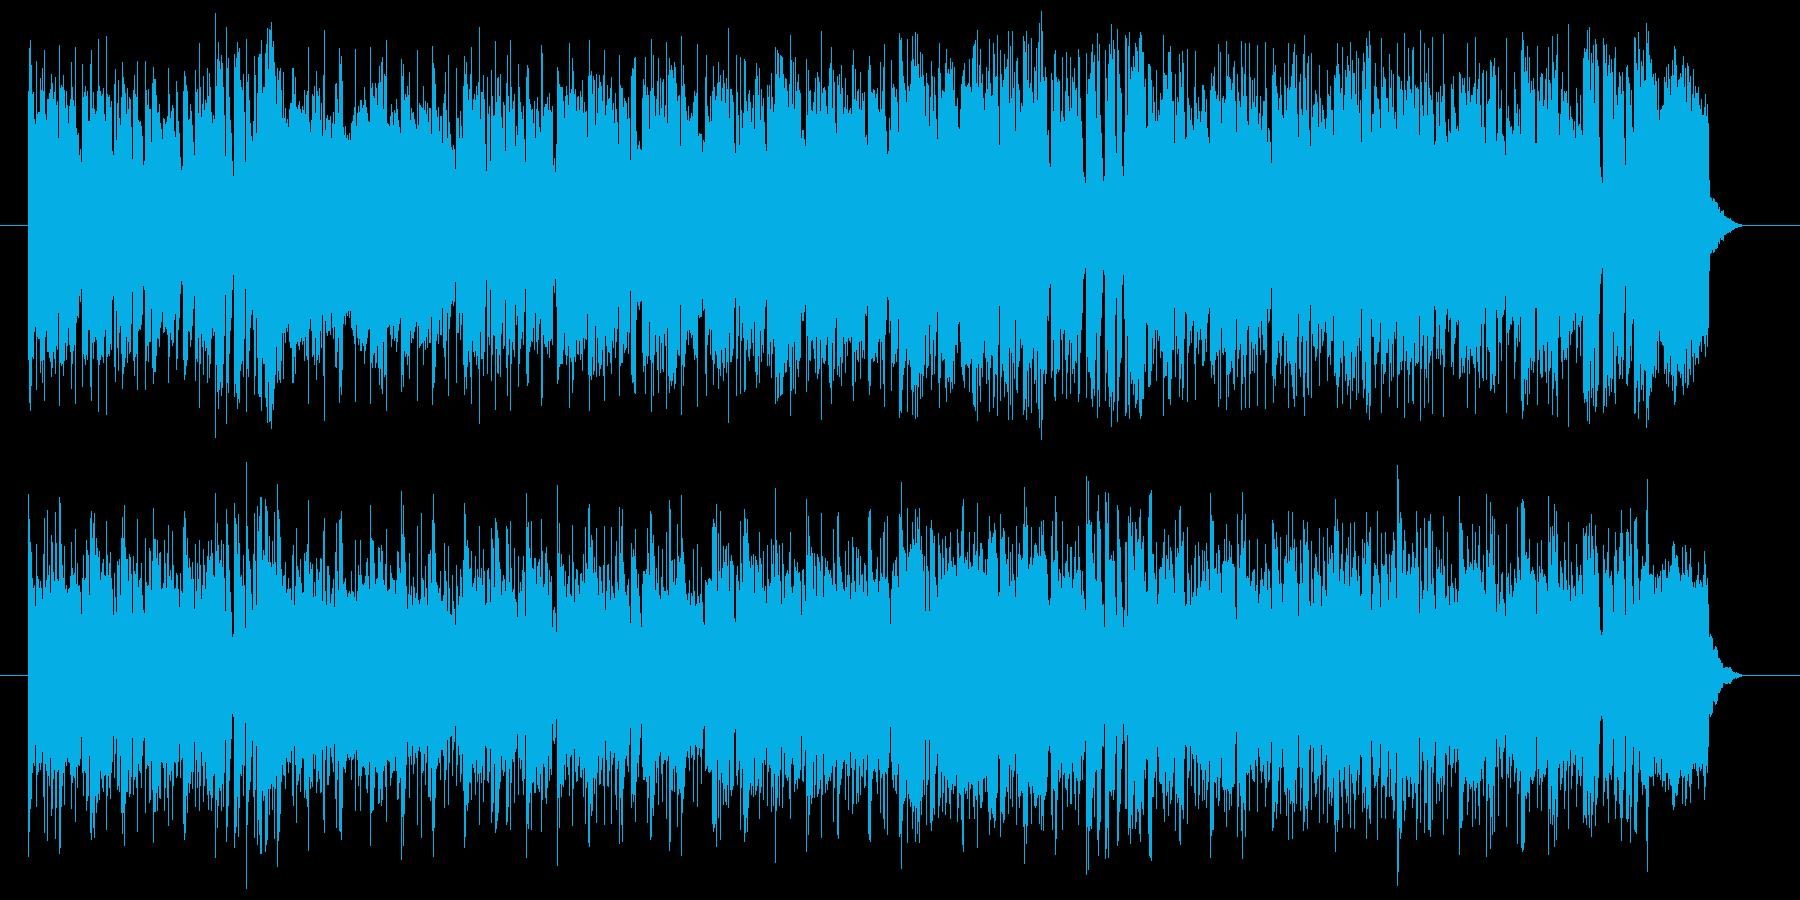 希望 青空 さわやか テーマ いきいきの再生済みの波形